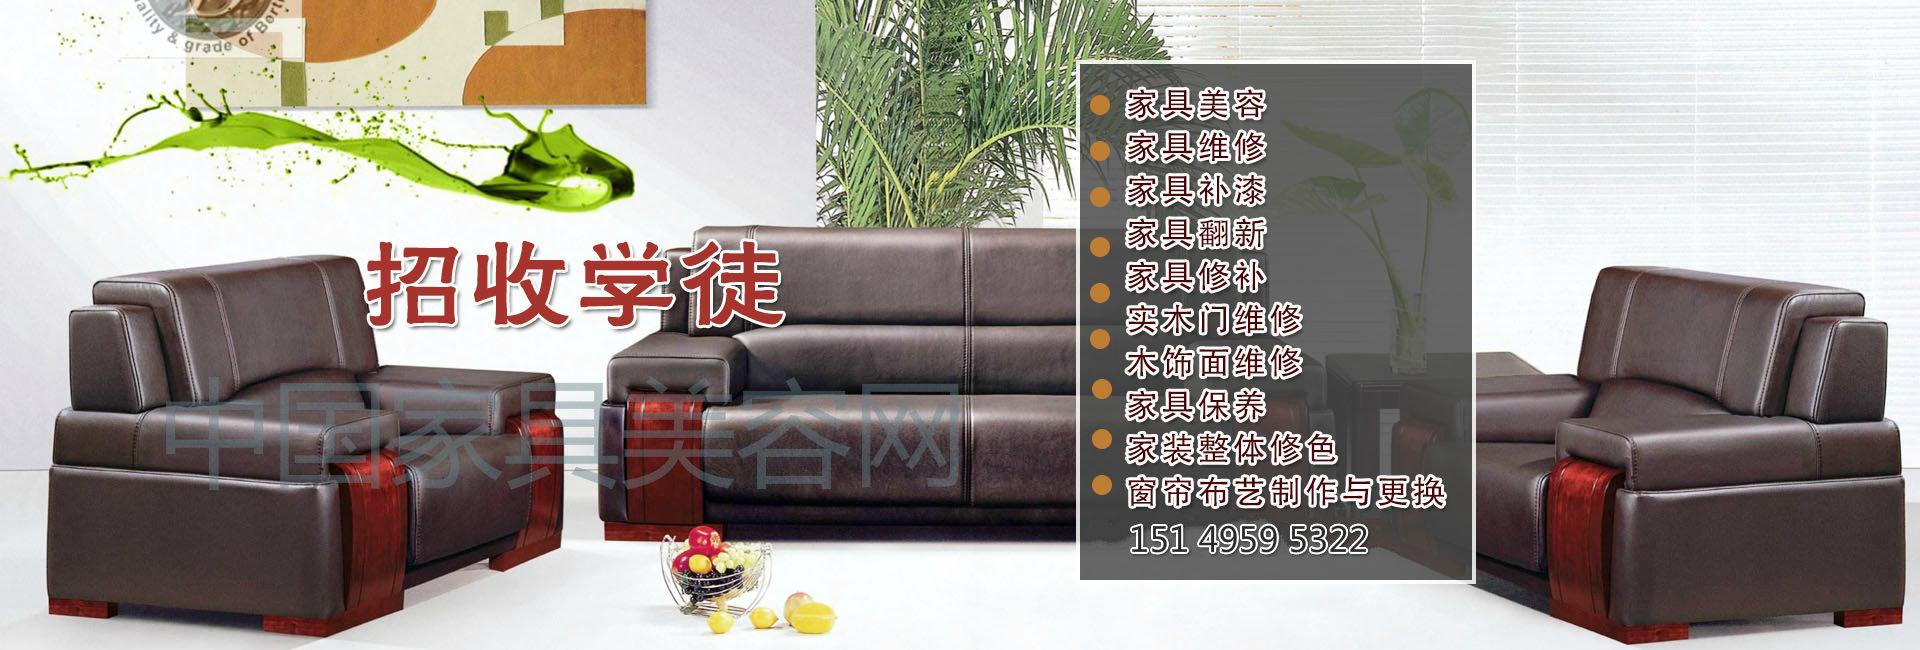 天津家具美容培训学校,专业补漆维修团队-家具美容网